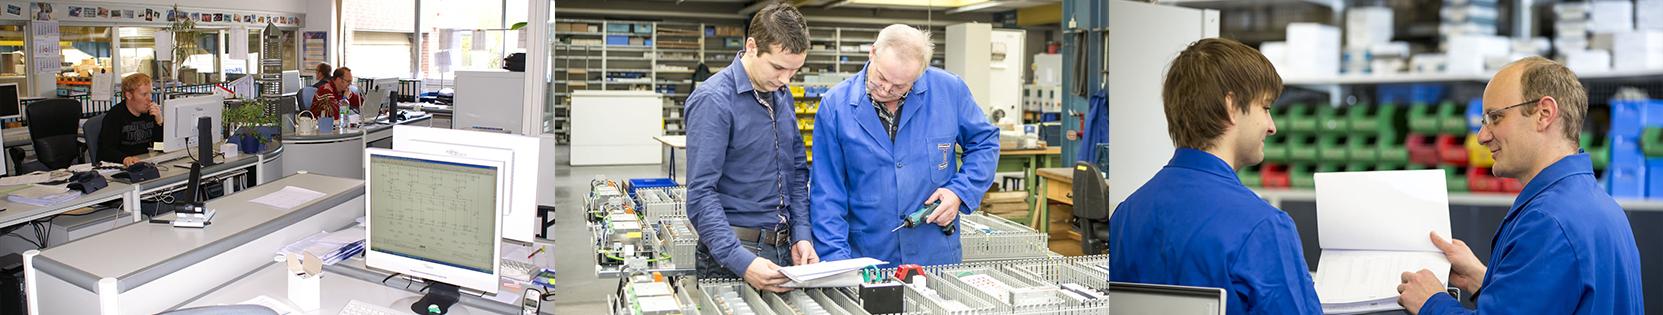 Qualifizierte Ausbildung bei Plenge GmbH Elektrotechnik und Steuerungsbau